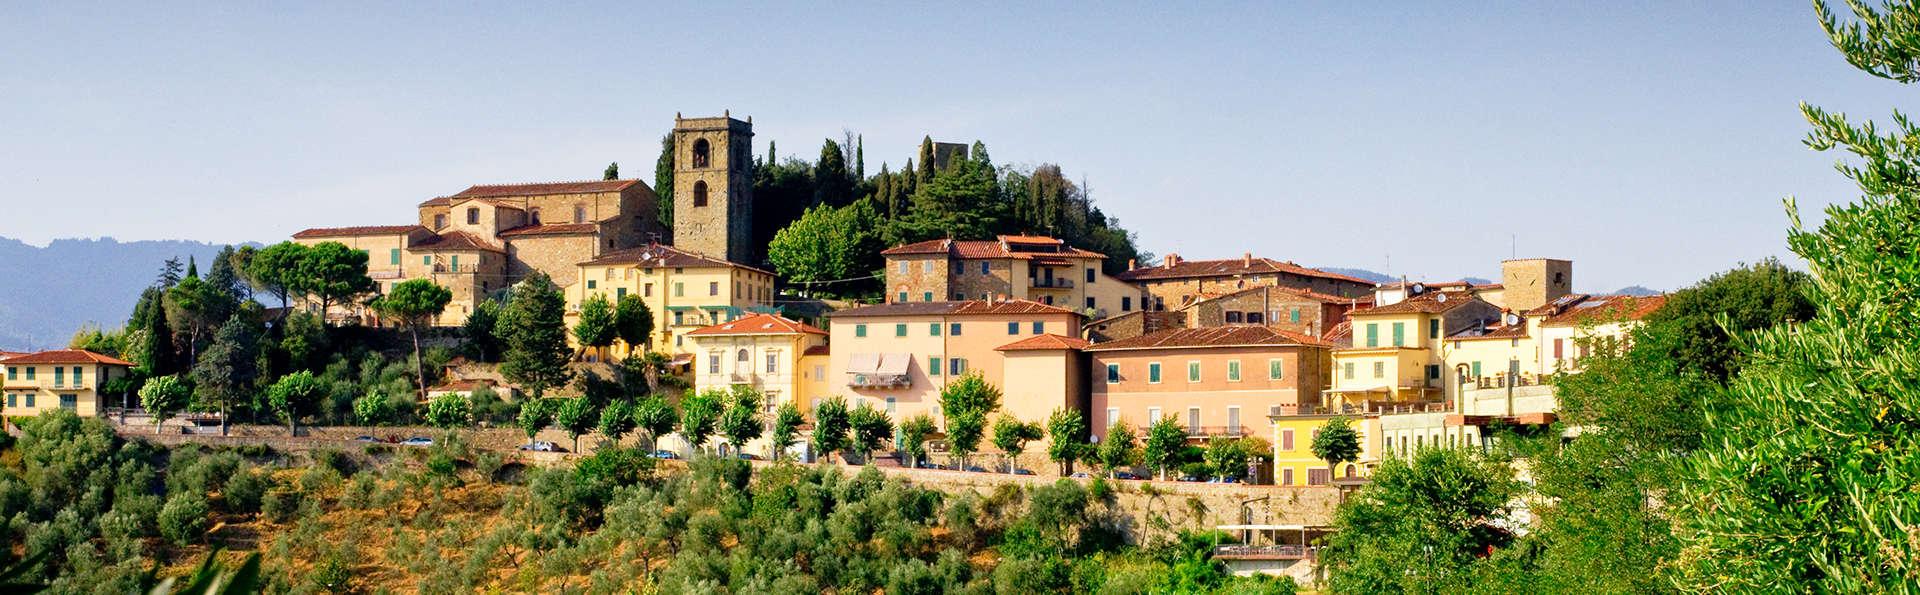 Weekend Degustazione Montecatini-Terme con 1 Degustazione di vini a ...